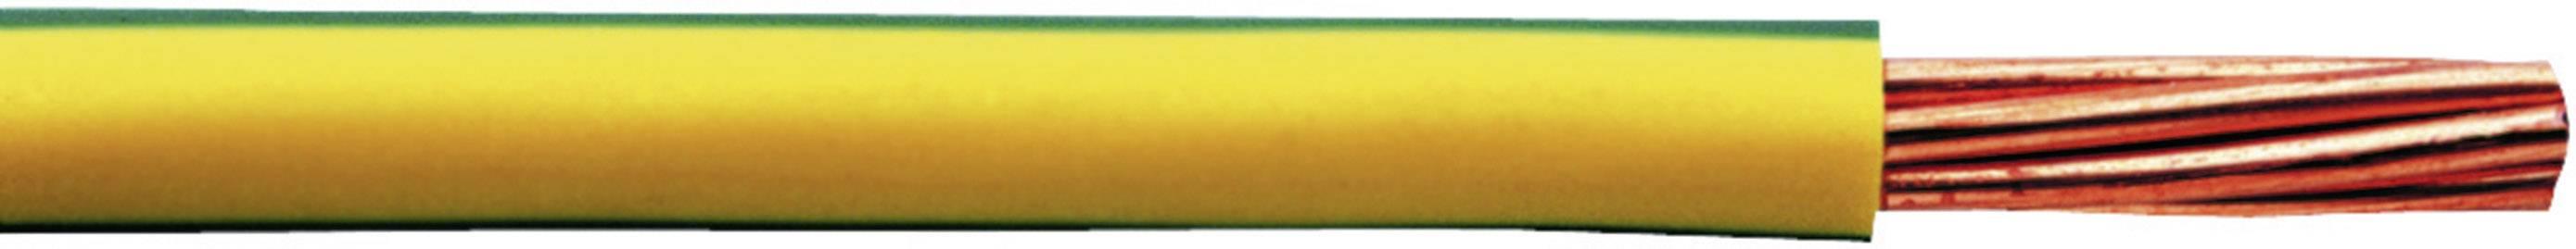 Opletenie / lanko Faber Kabel 040084 H07V-R, 1 x 25 mm², vonkajší Ø 8.50 mm, metrový tovar, zelenožltá